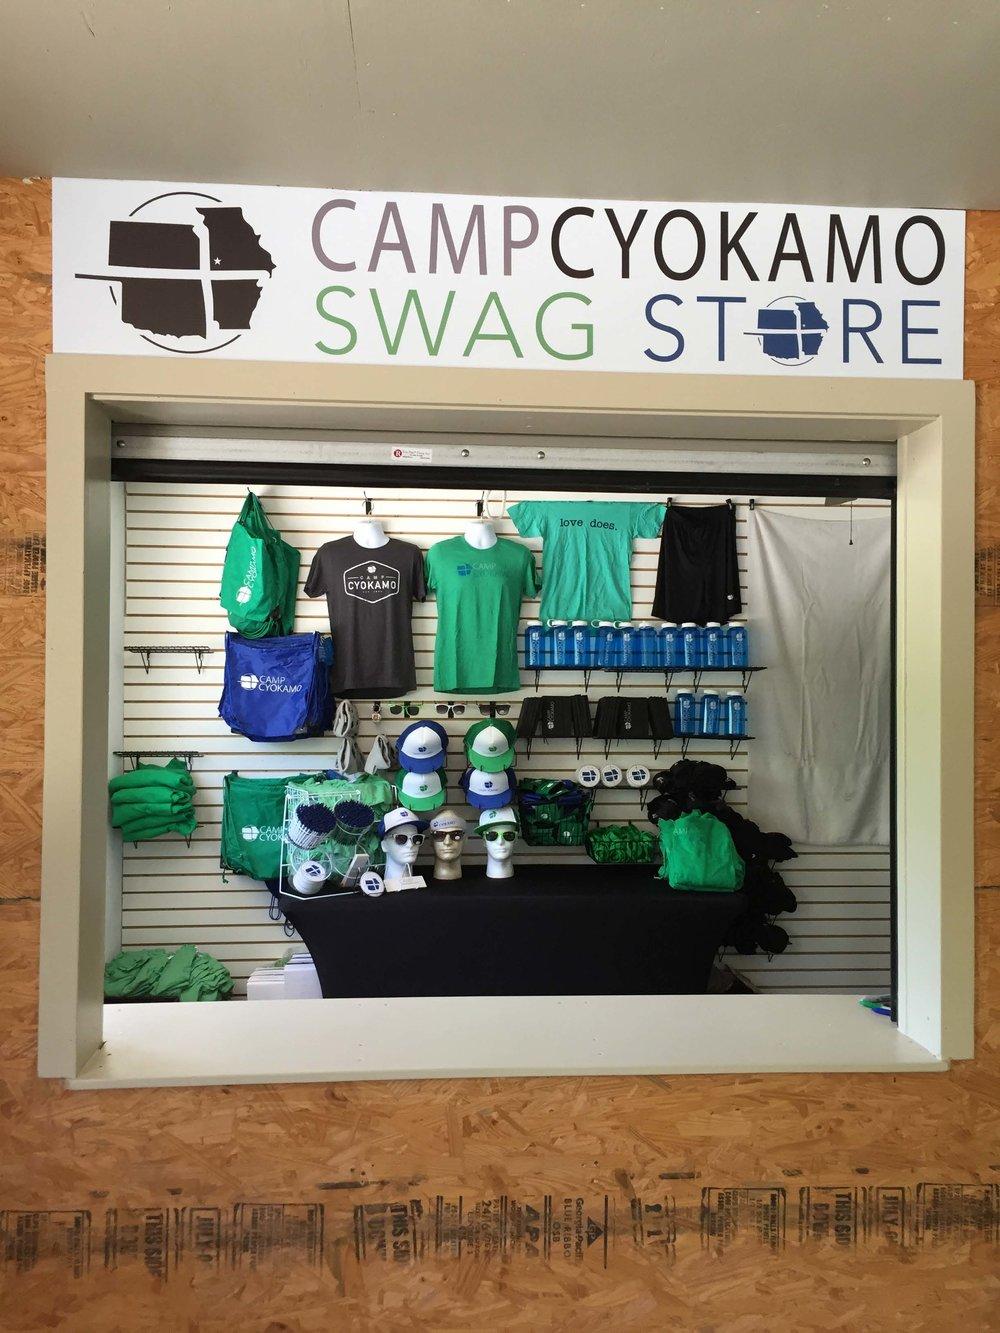 Camp+Cyokamo+Swag+Store+Prices+(PDF)_Page_1_Image_0001.jpg